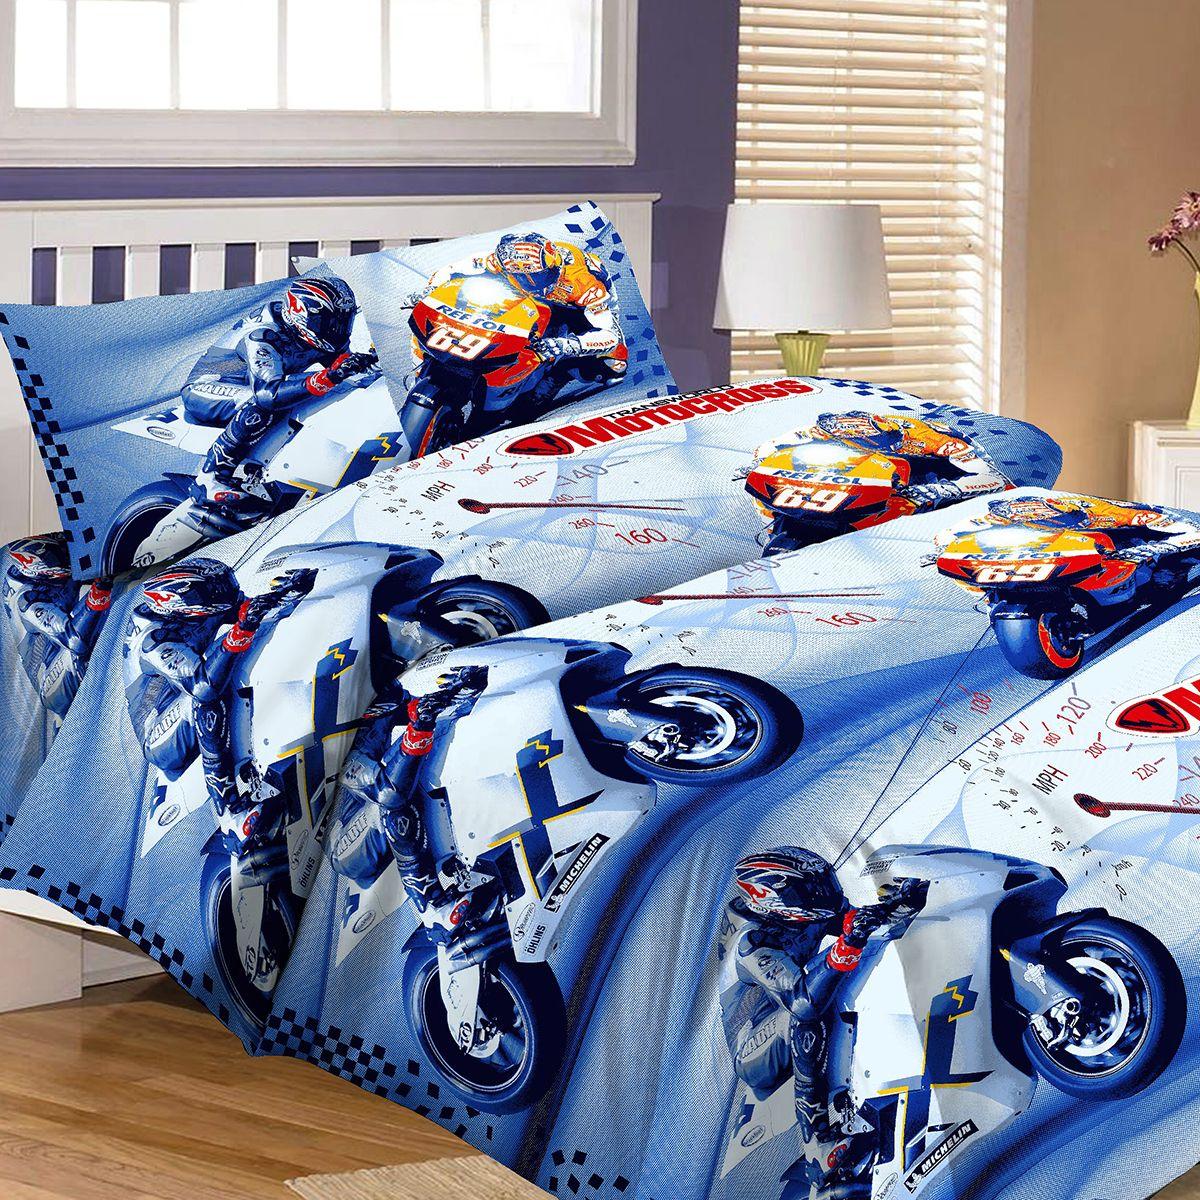 Комплект детского постельного белья Letto  Мотокросс , 1,5-спальный, наволочка 50x70, цвет: синий -  Постельное белье